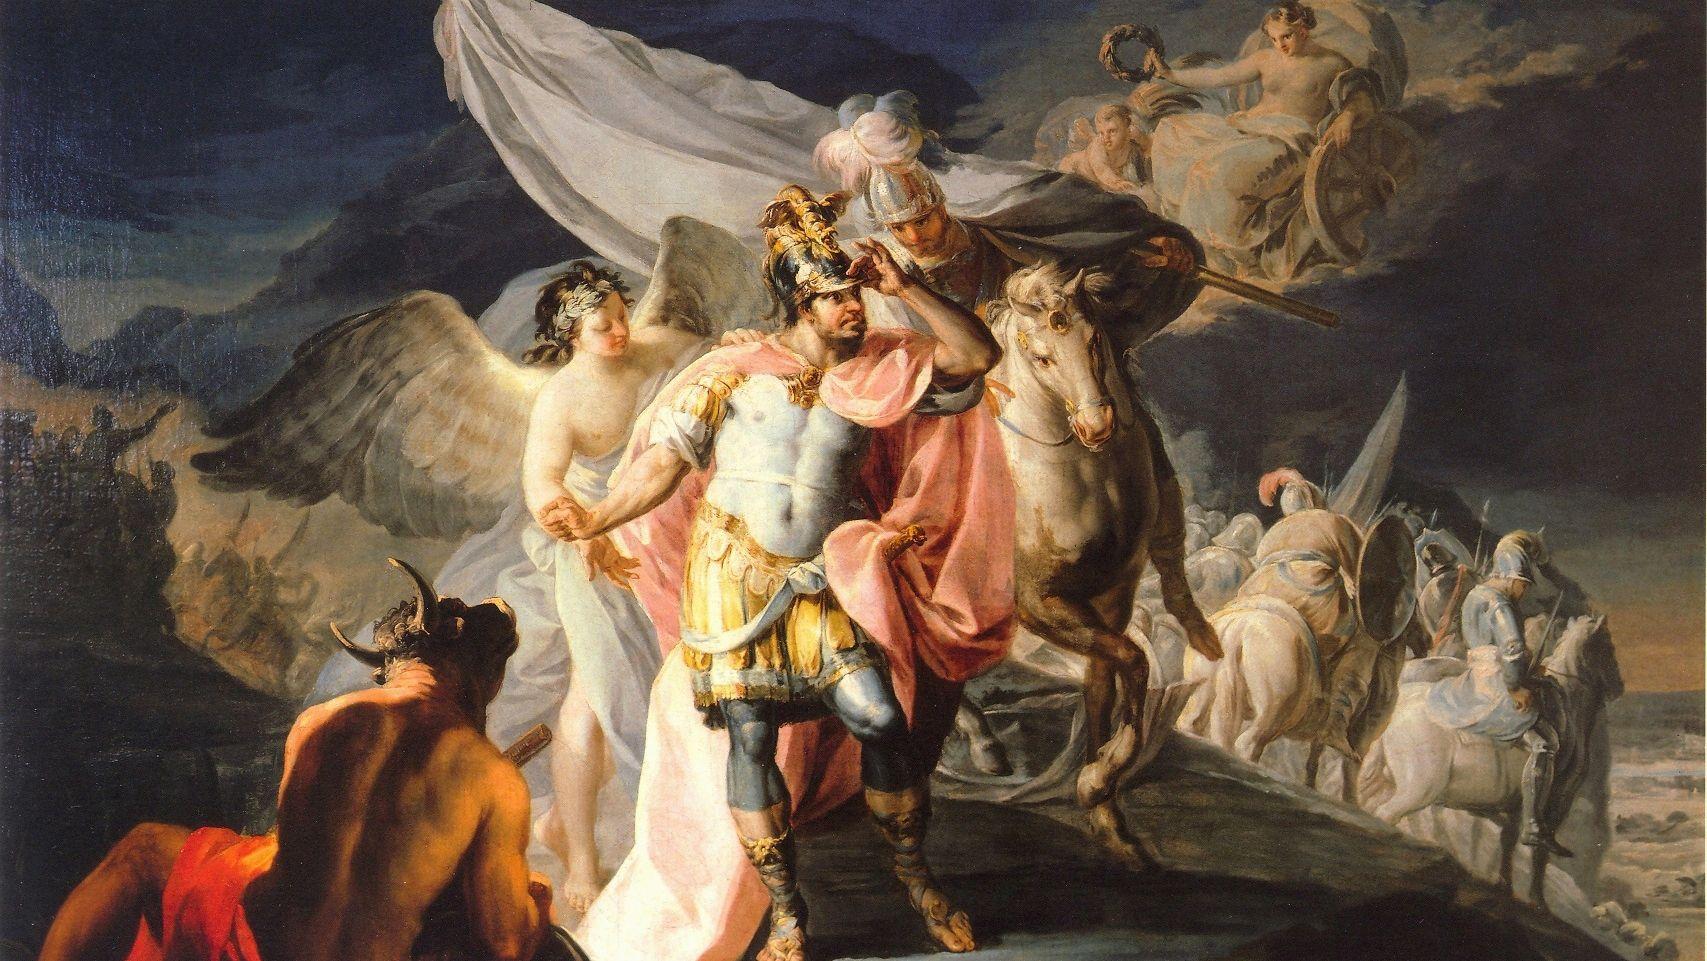 Aníbal vencedor contempla por primera vez Italia desde los Alpes (detalle) de Goya.